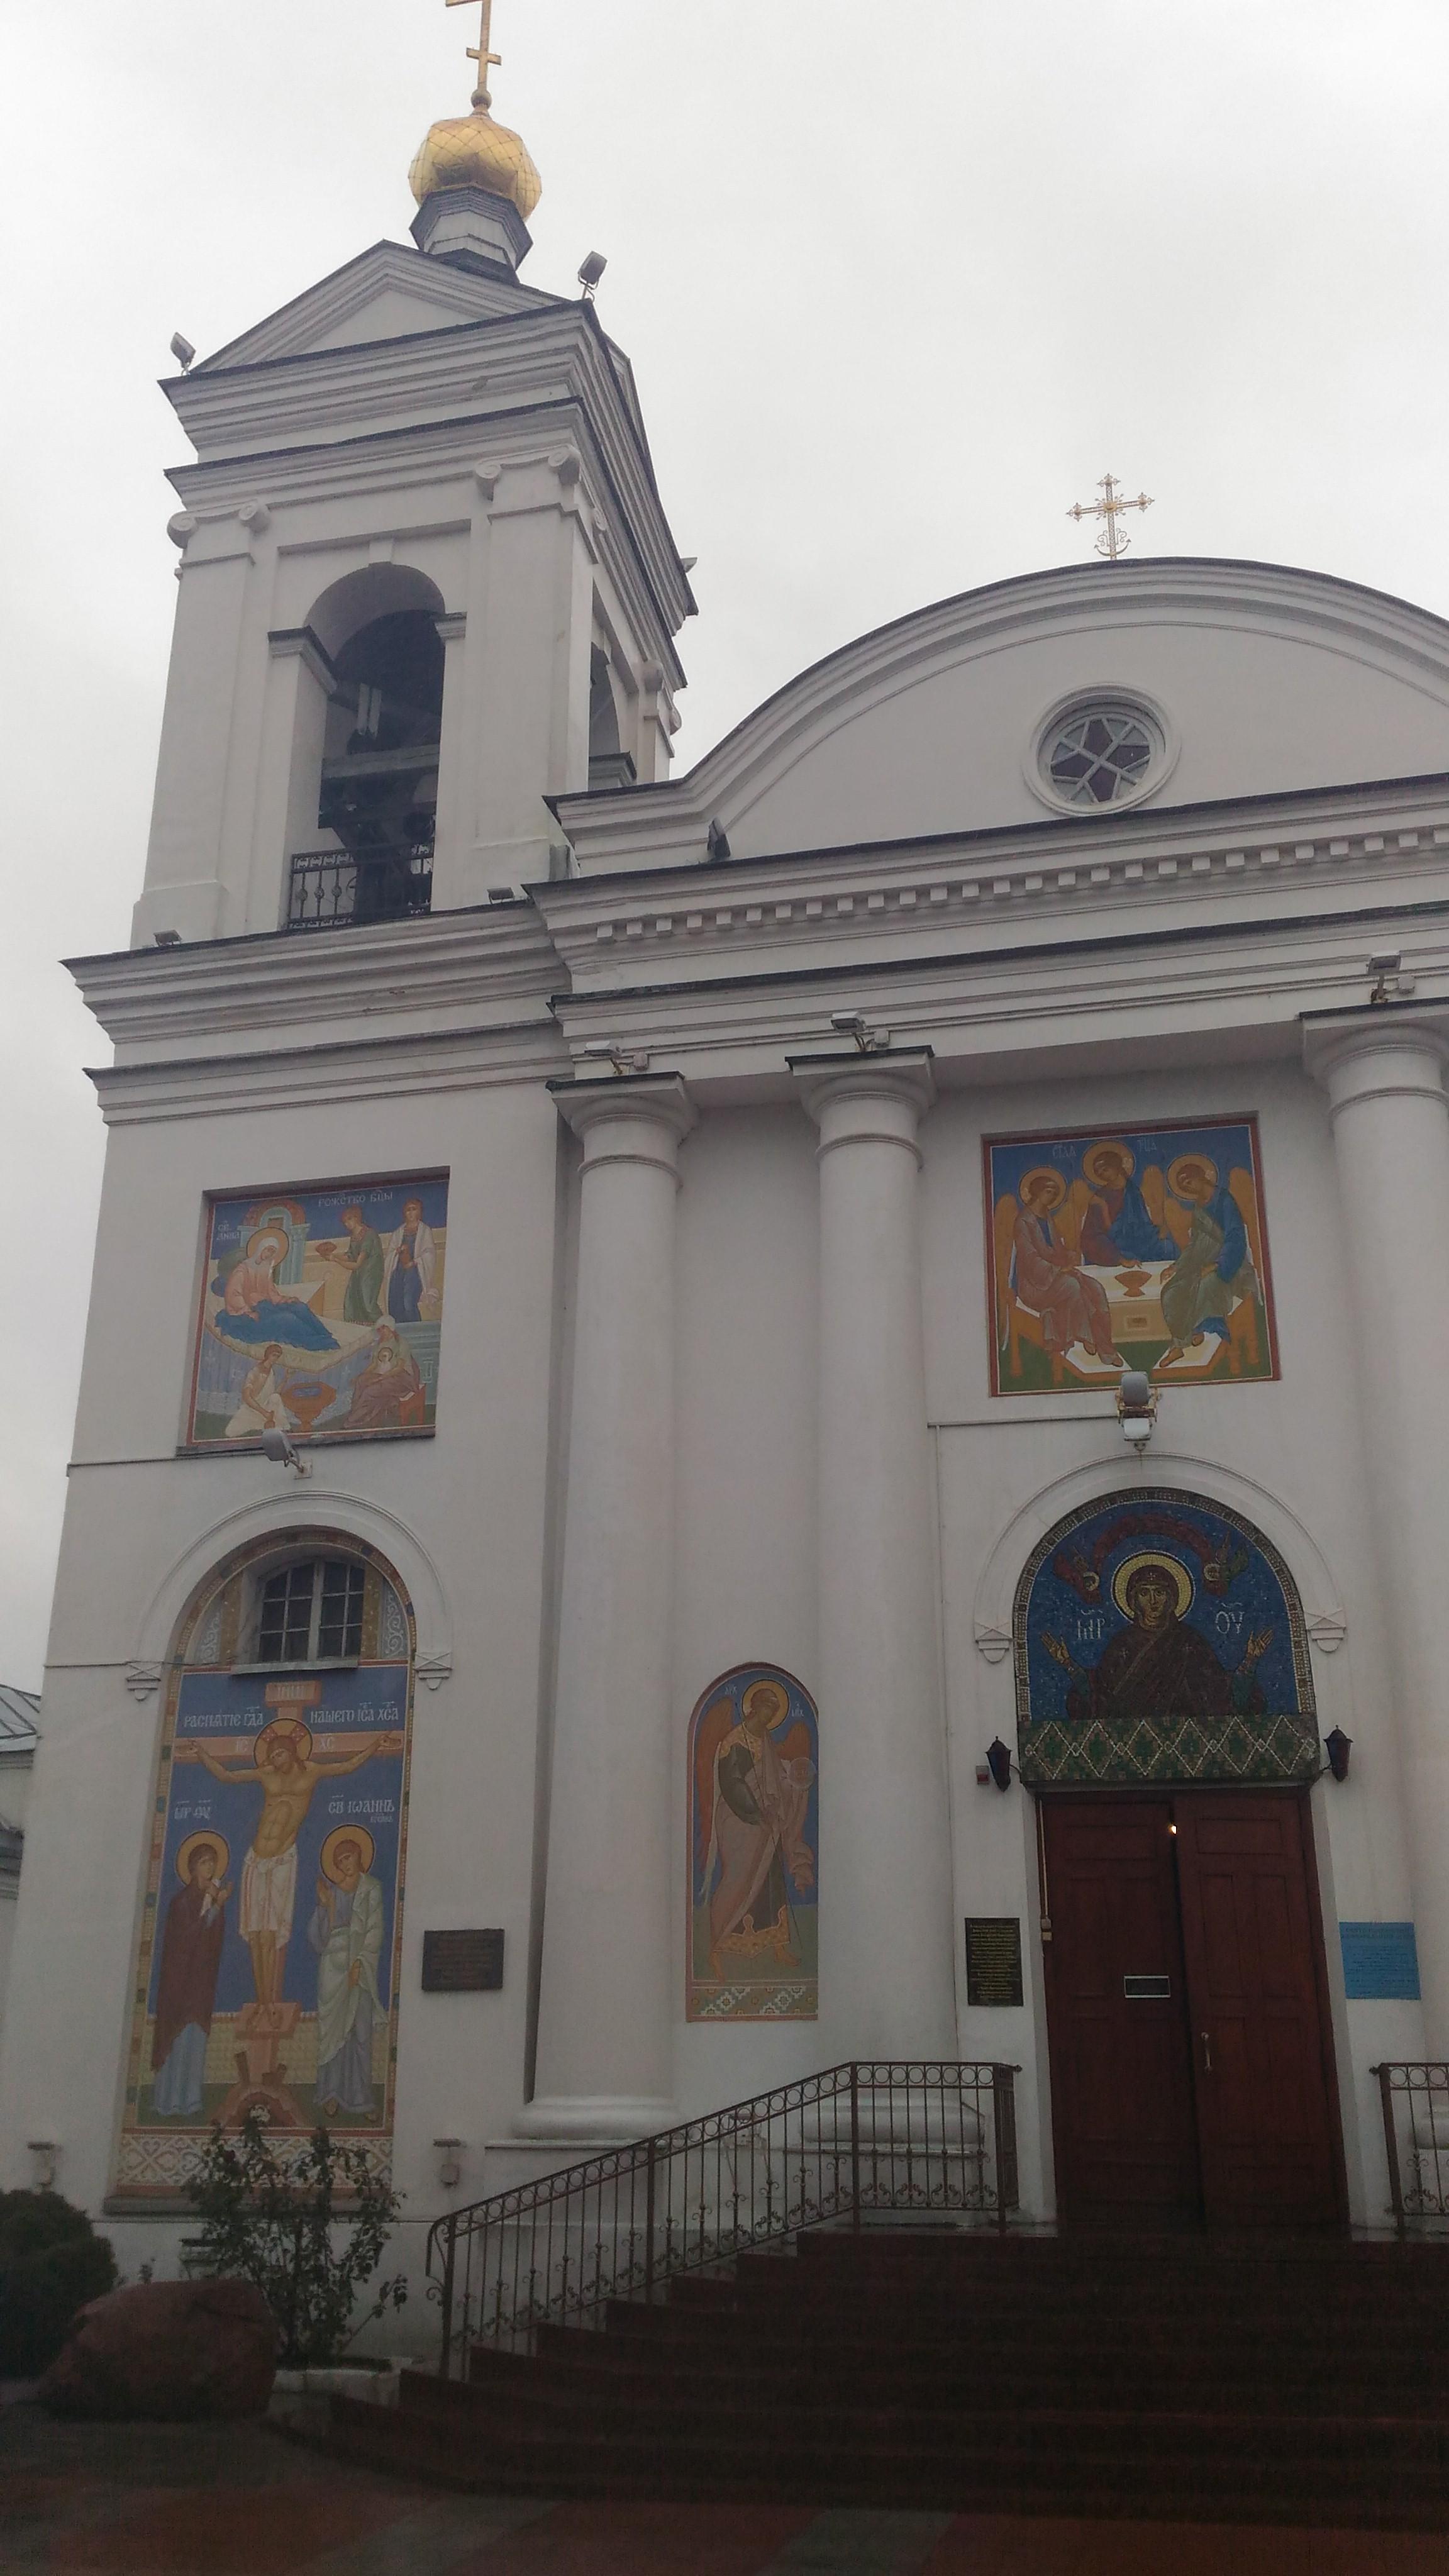 P 20191109 120519 2 - Свято-Покровский кафедральный собор в Витебске